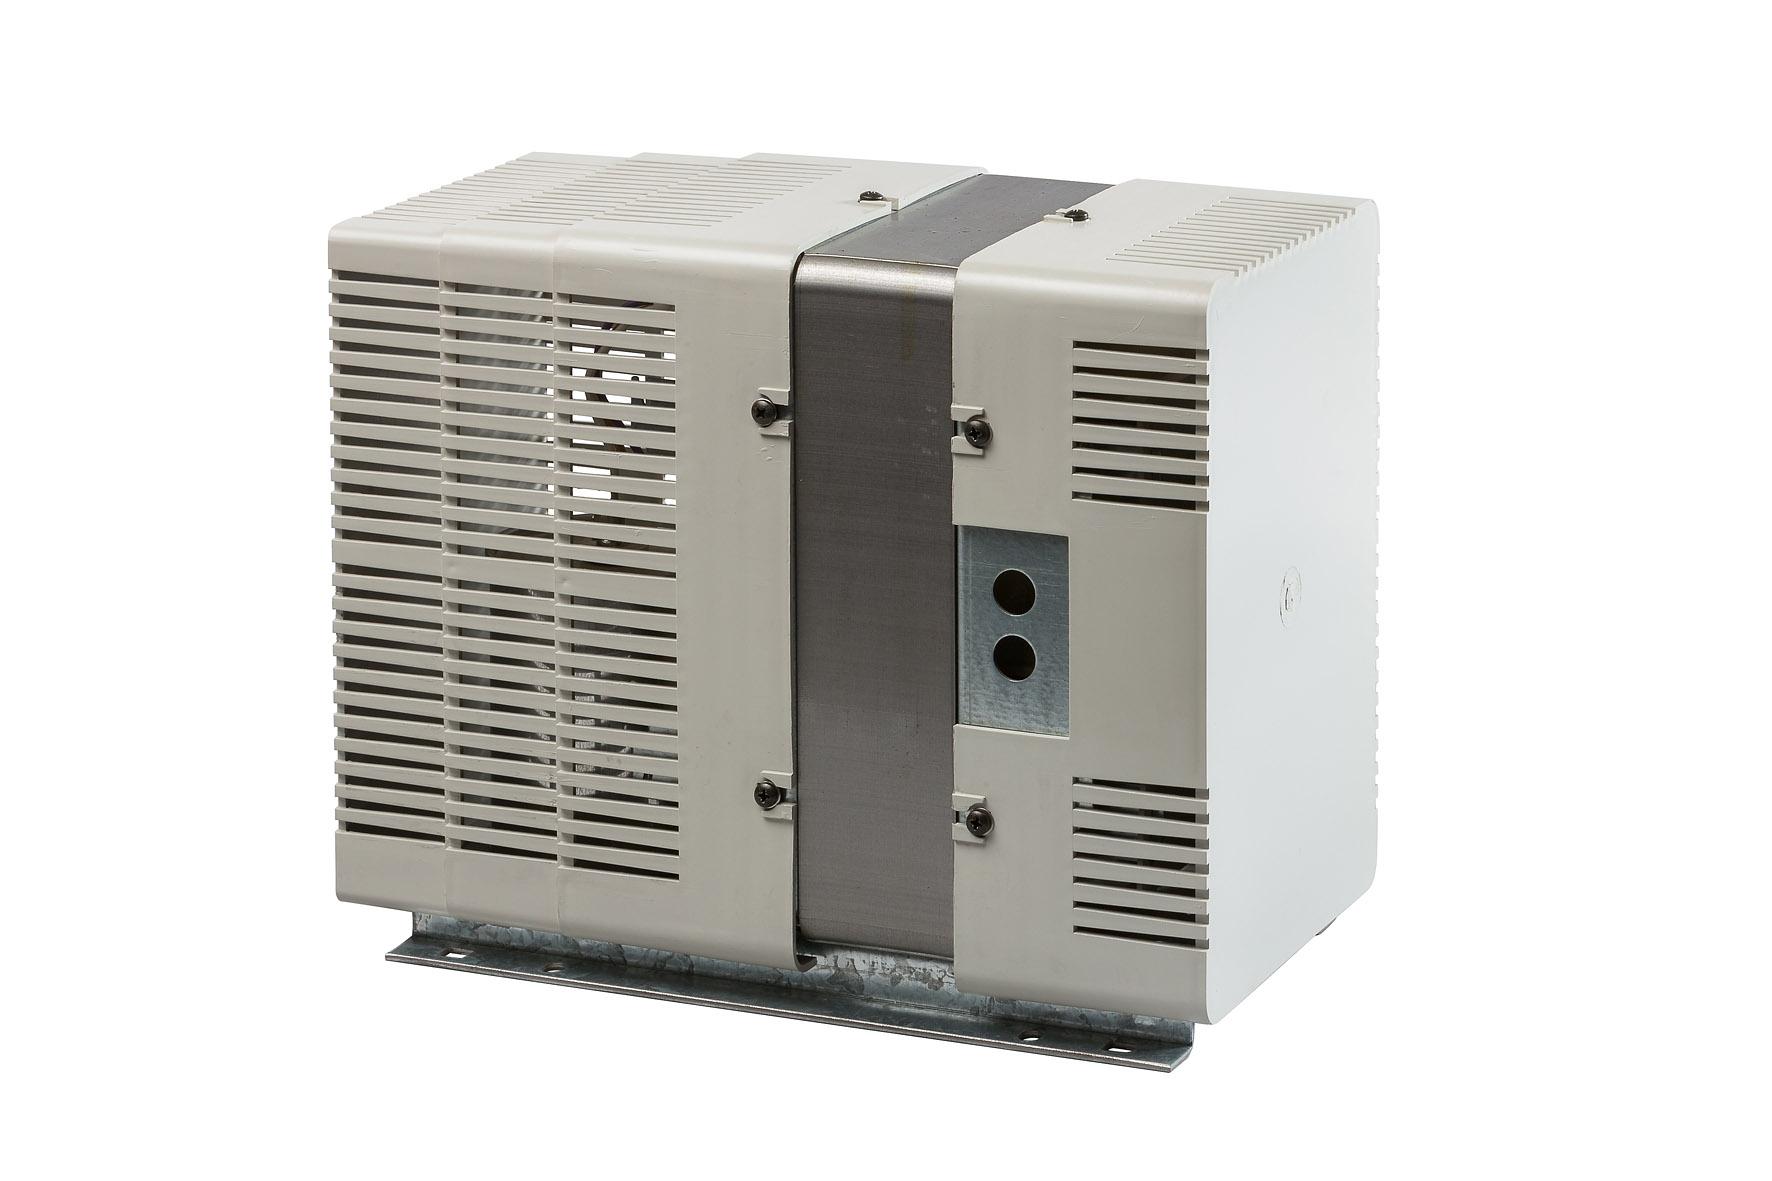 9415 014 22151 (PE1422/15) - Line Conditioner 230V/230V-400VA